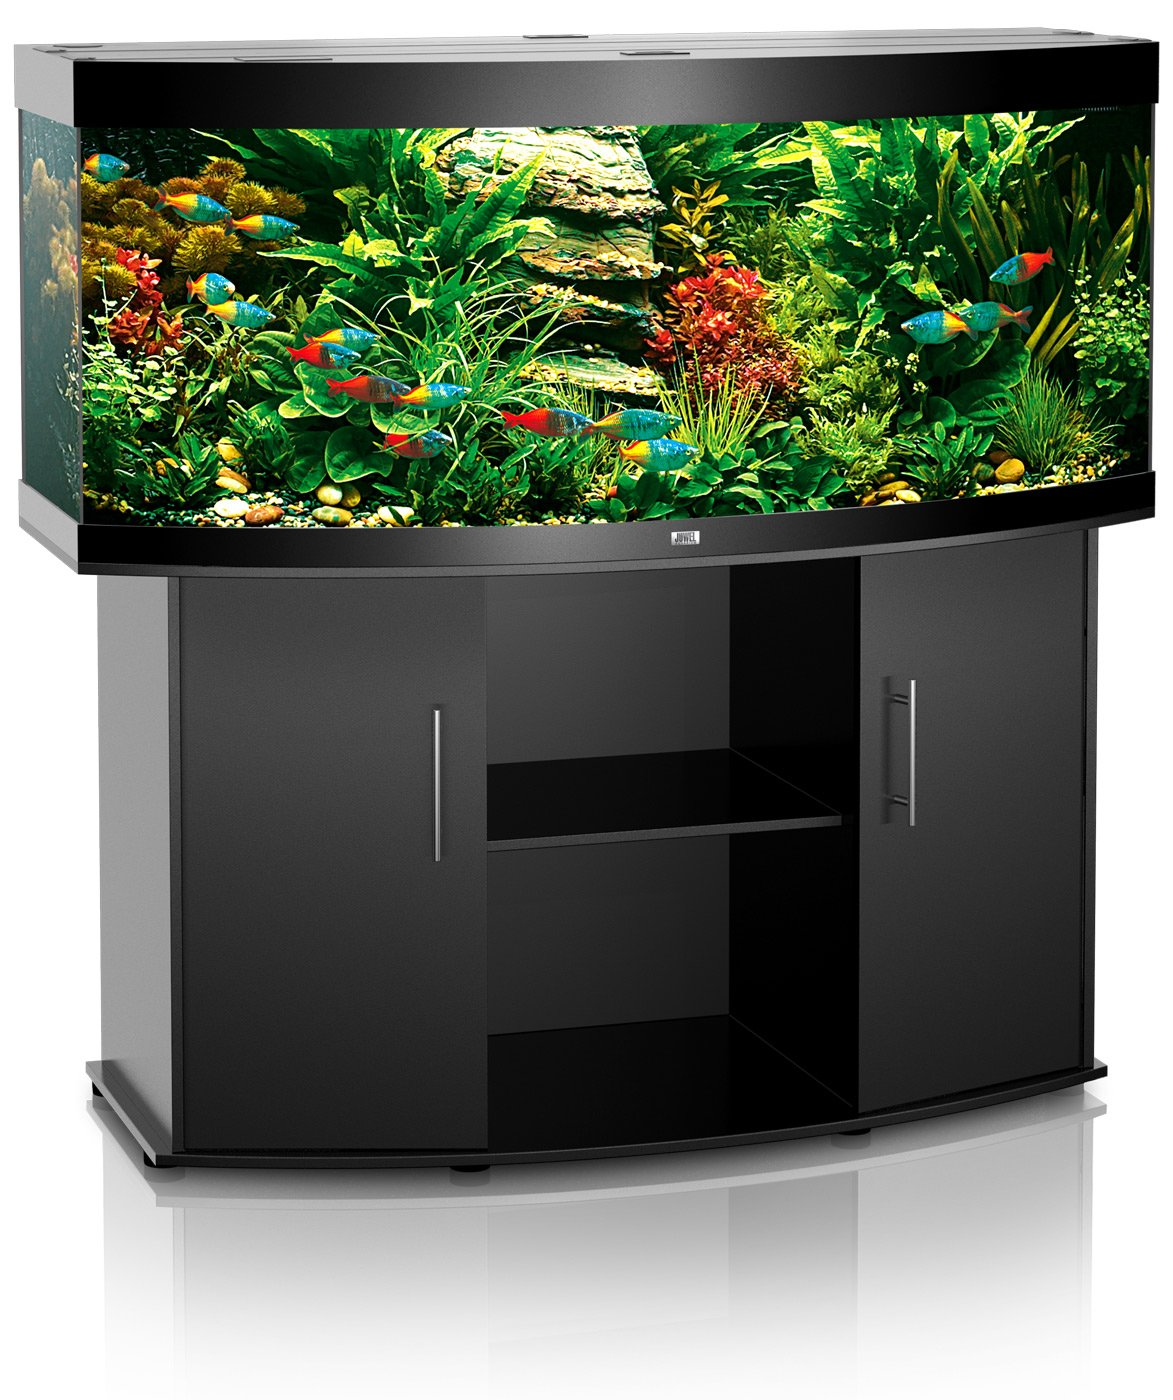 aquarium juwel vision 450 dim 151 x 61 x 64 cm 450 litres coloris au choix avec ou sans meuble. Black Bedroom Furniture Sets. Home Design Ideas